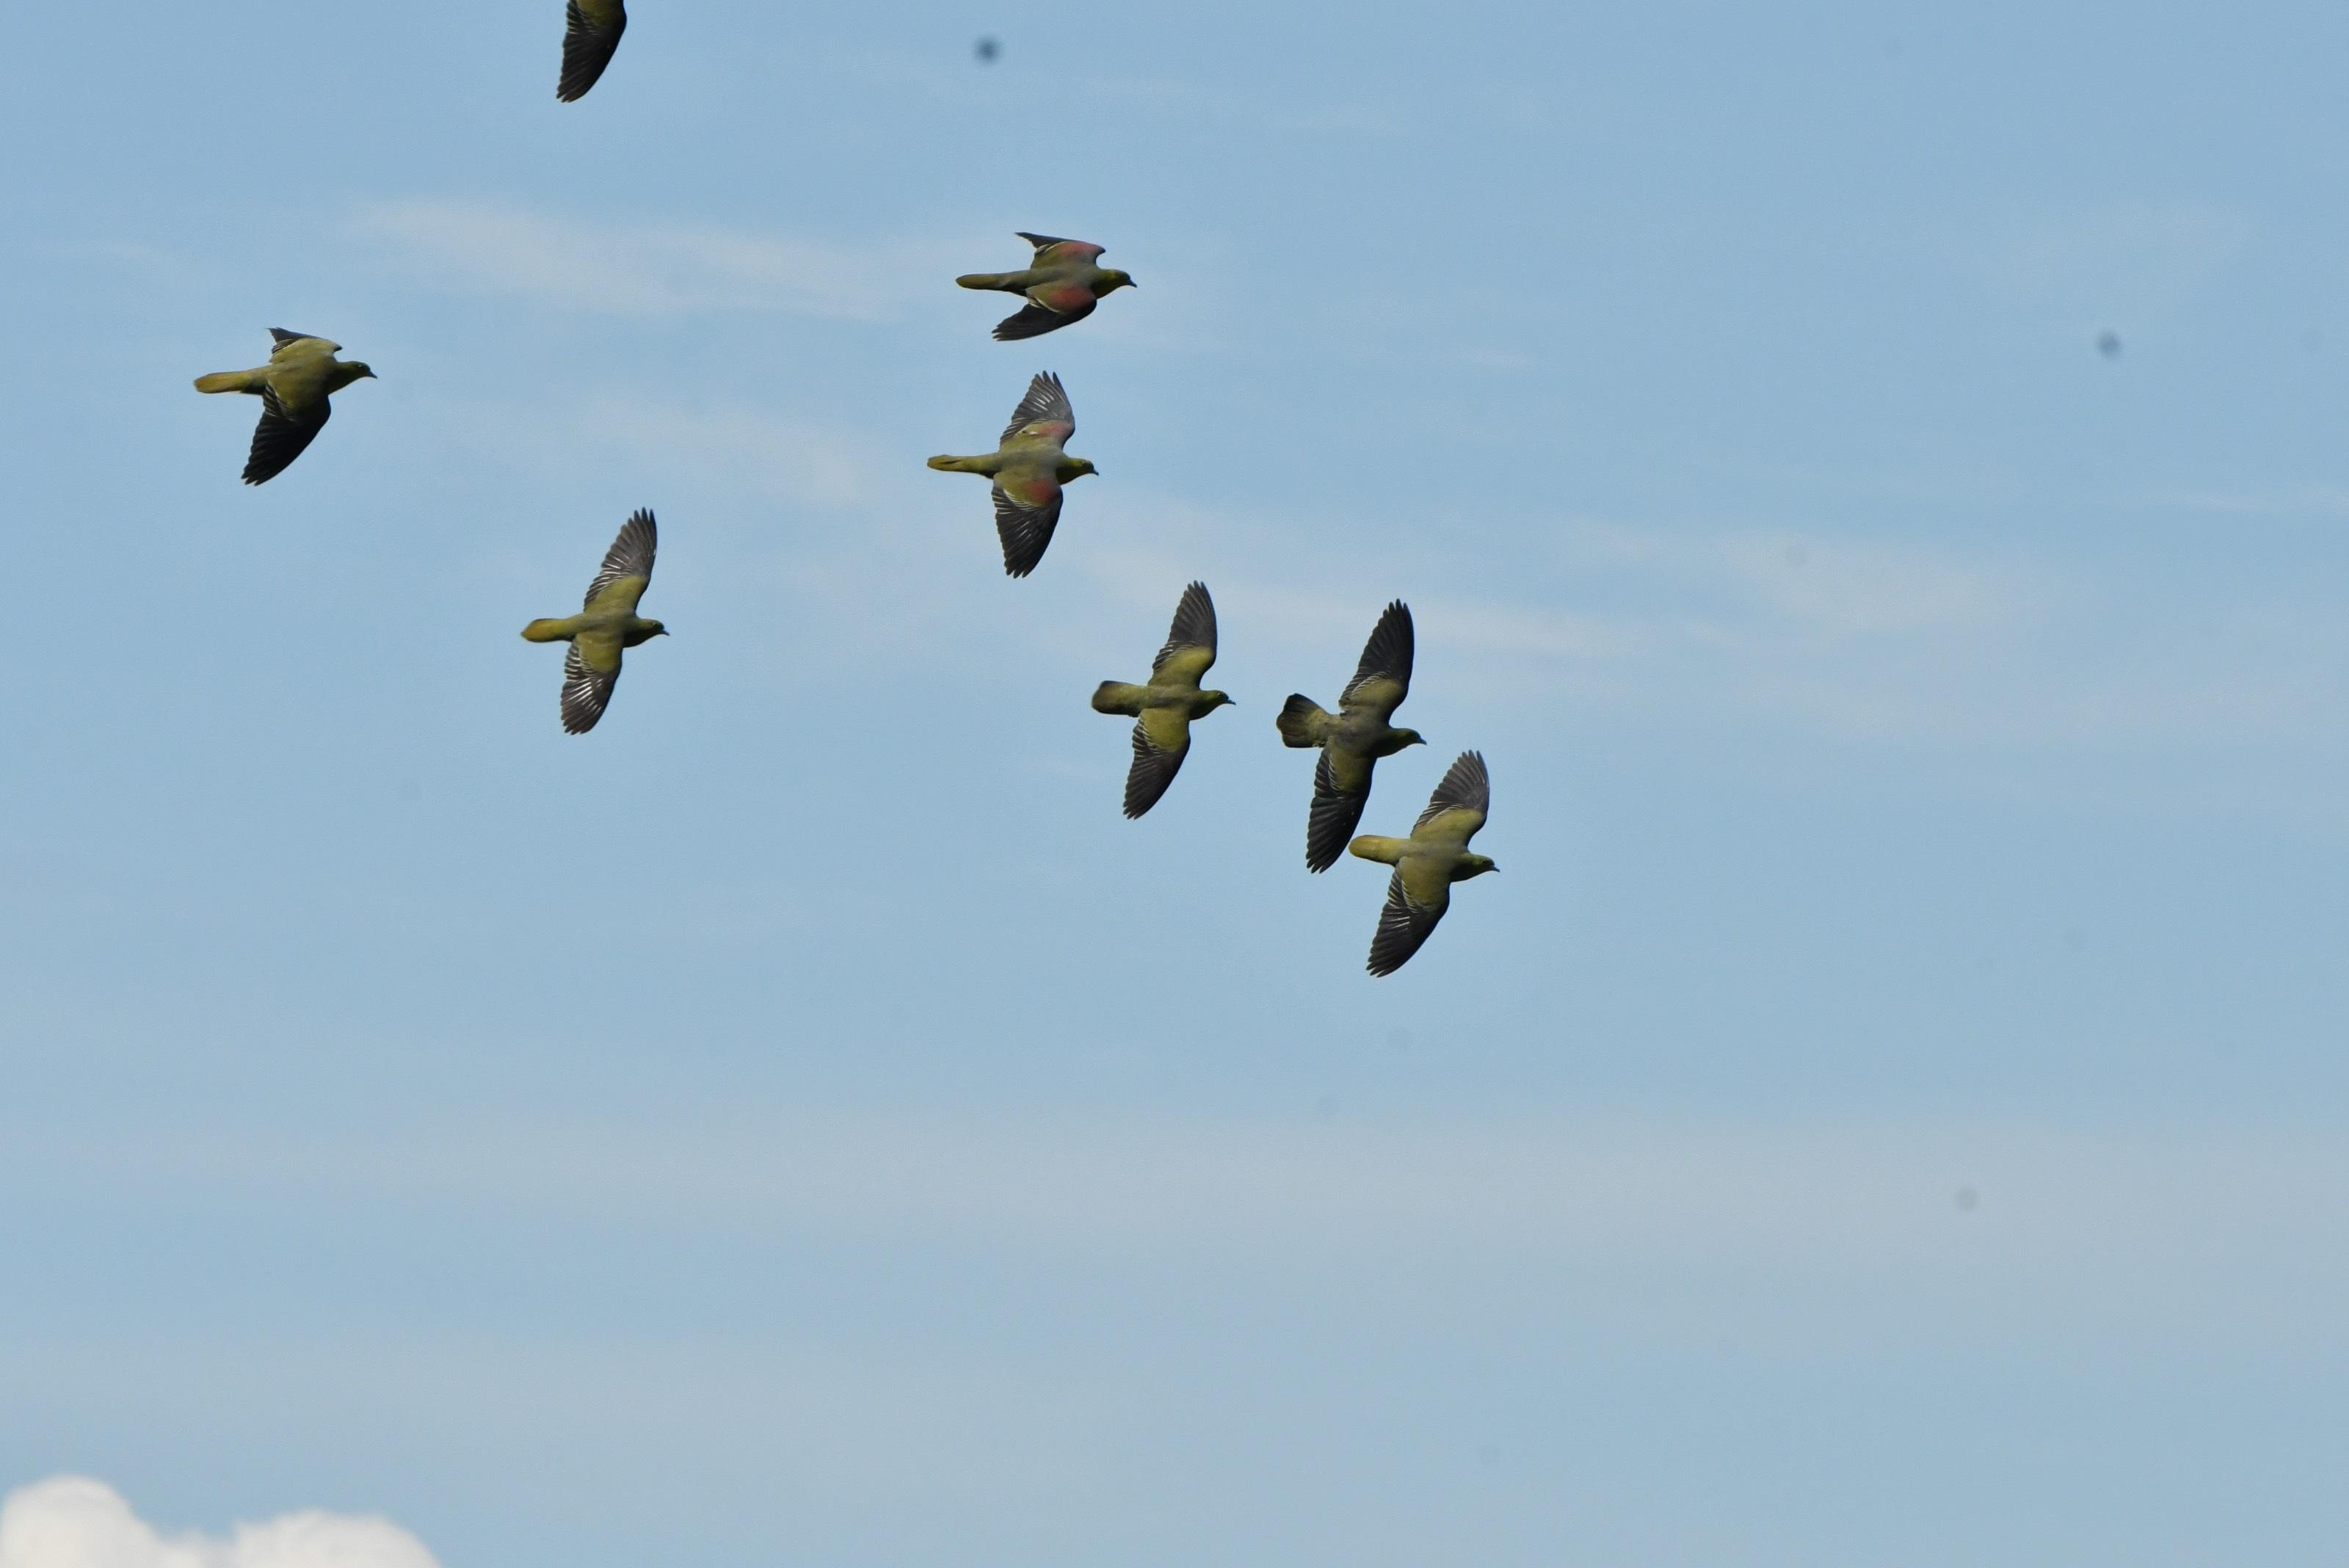 アオバト 群れ飛翔